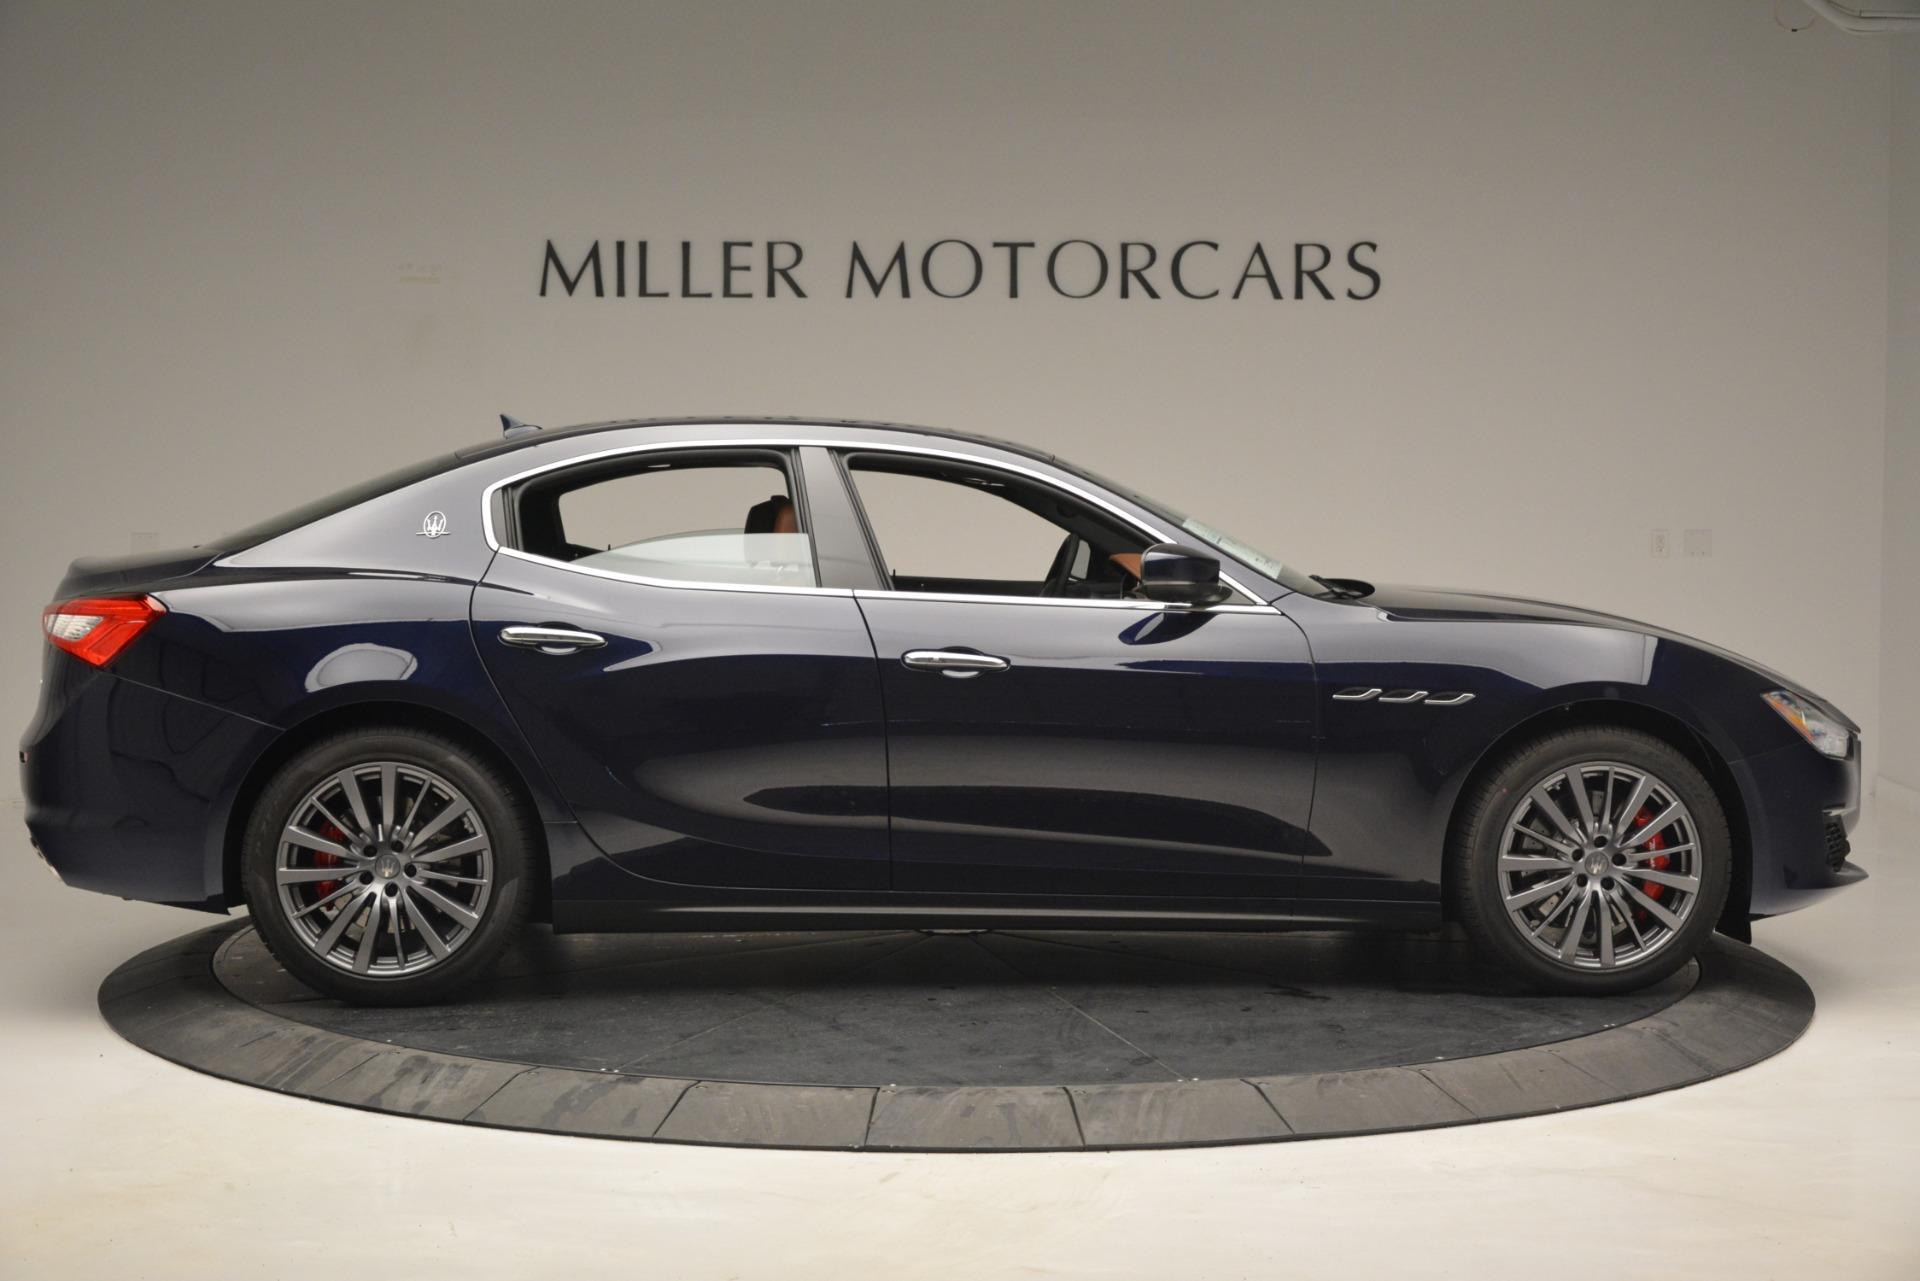 New 2019 Maserati Ghibli S Q4 For Sale In Greenwich, CT 3004_p9